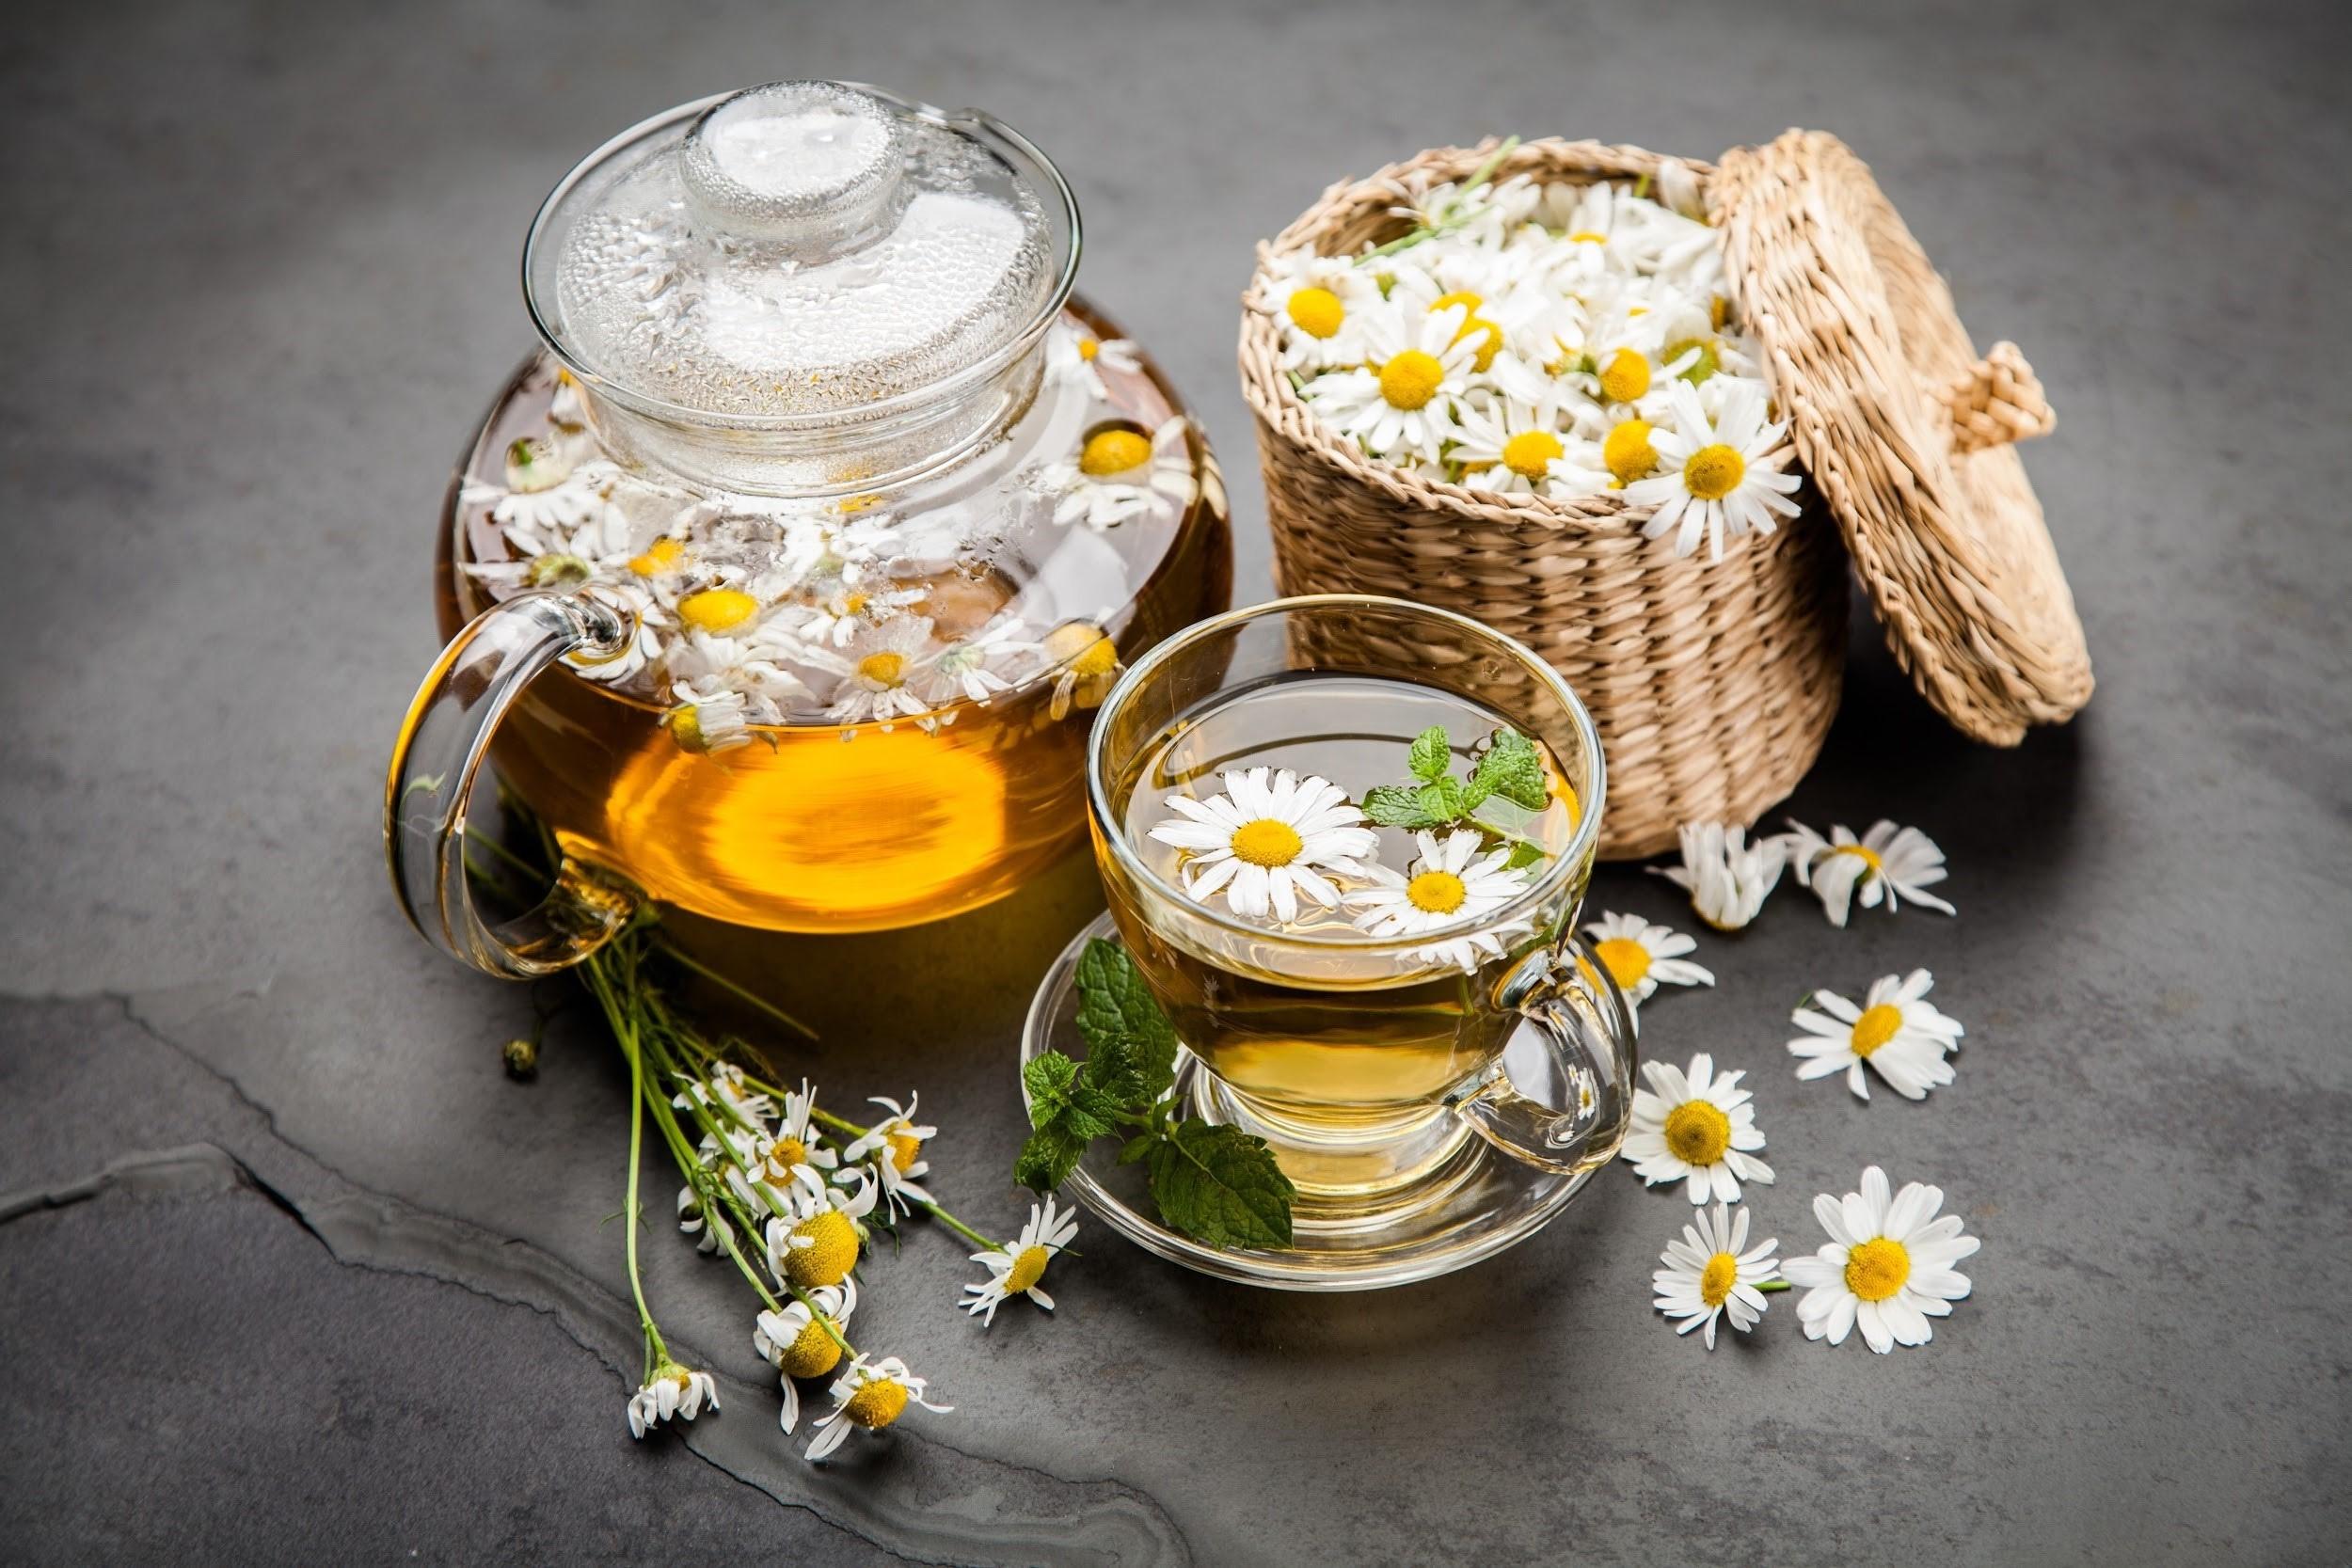 Ảnh trà hoa cúc trắng đẹp